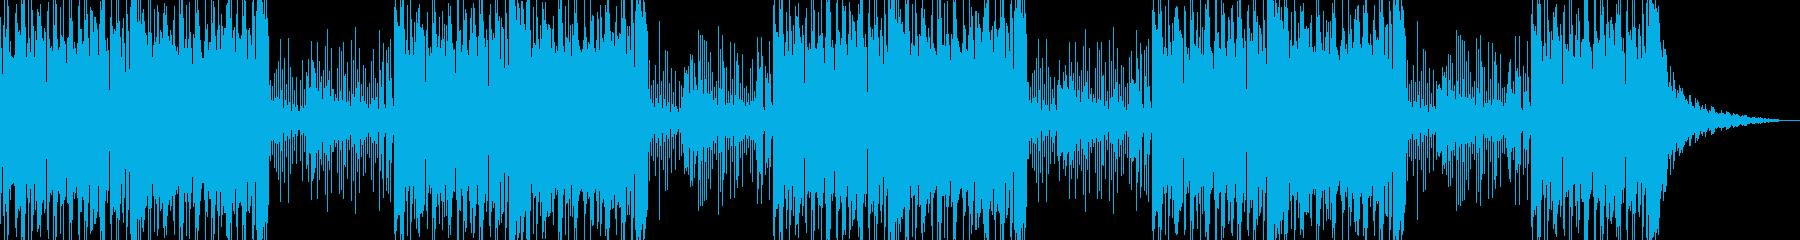 和風・お正月・琴・尺八・和太鼓・神楽鈴の再生済みの波形